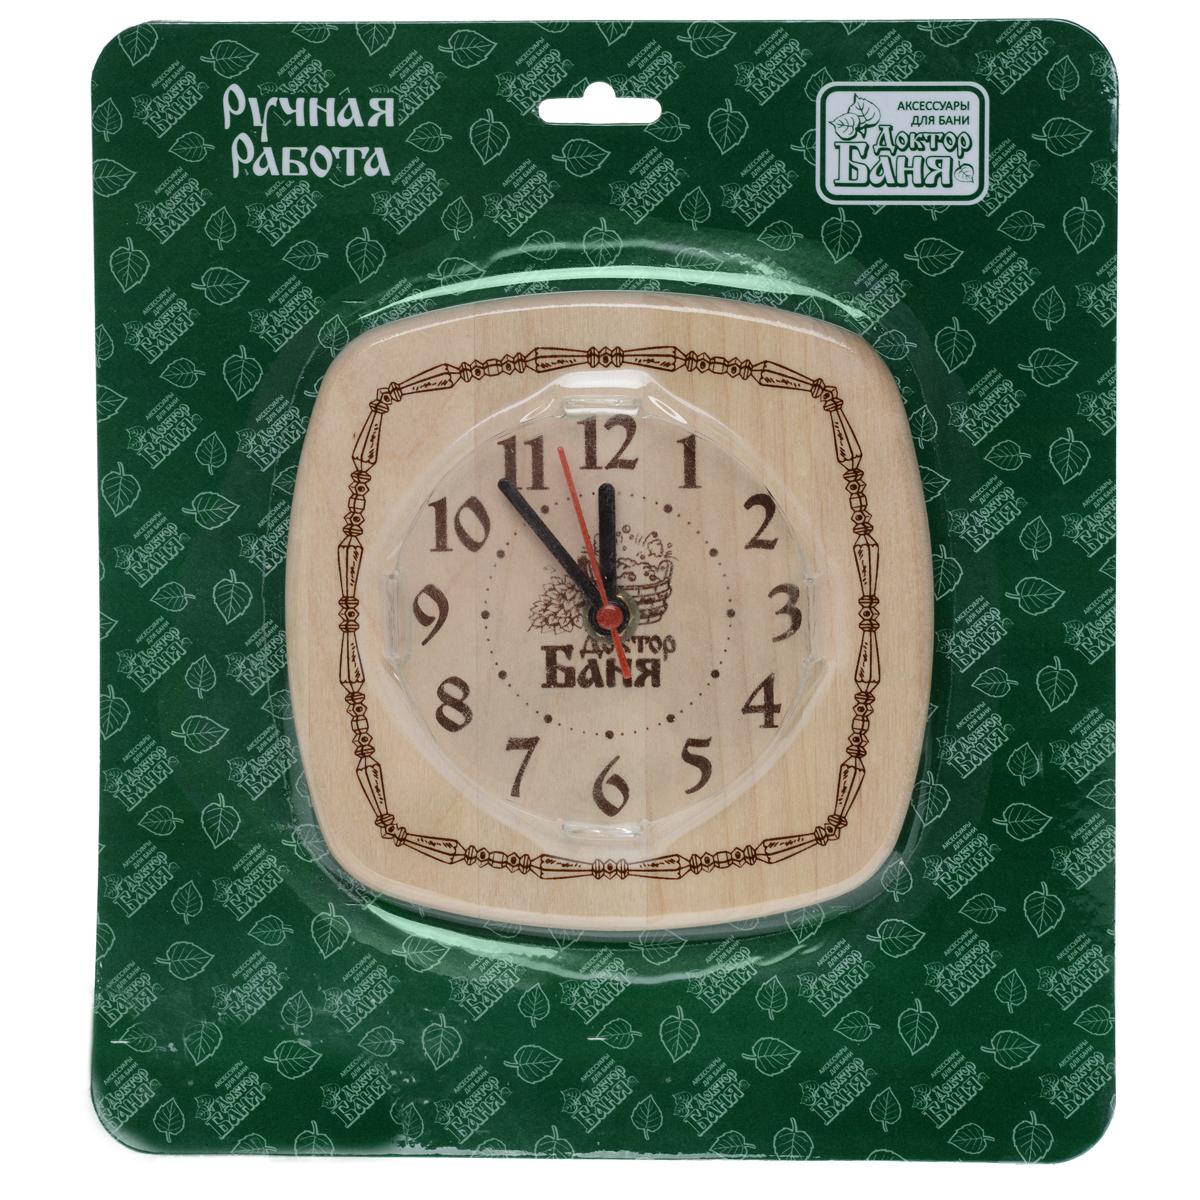 Часы настенные Доктор баня для бани и сауны. 905241905241Настенные кварцевые часы Доктор баня, выполненные из дерева, своим дизайном подчеркнут оригинальность интерьера вашей бани или сауны. Панель часов декорирована оригинальным узором. Часы имеют три стрелки - часовую, минутную и секундную. Такие часы послужат отличным подарком для ценителя стильных и оригинальных вещей.Часы упакованы в подарочную коробку из дерева. Характеристики:Материал: дерево, металл. Размер часов: 15 см х 15 см х 2 см.Рекомендуется докупить батарейку типа АА (в комплект не входит).